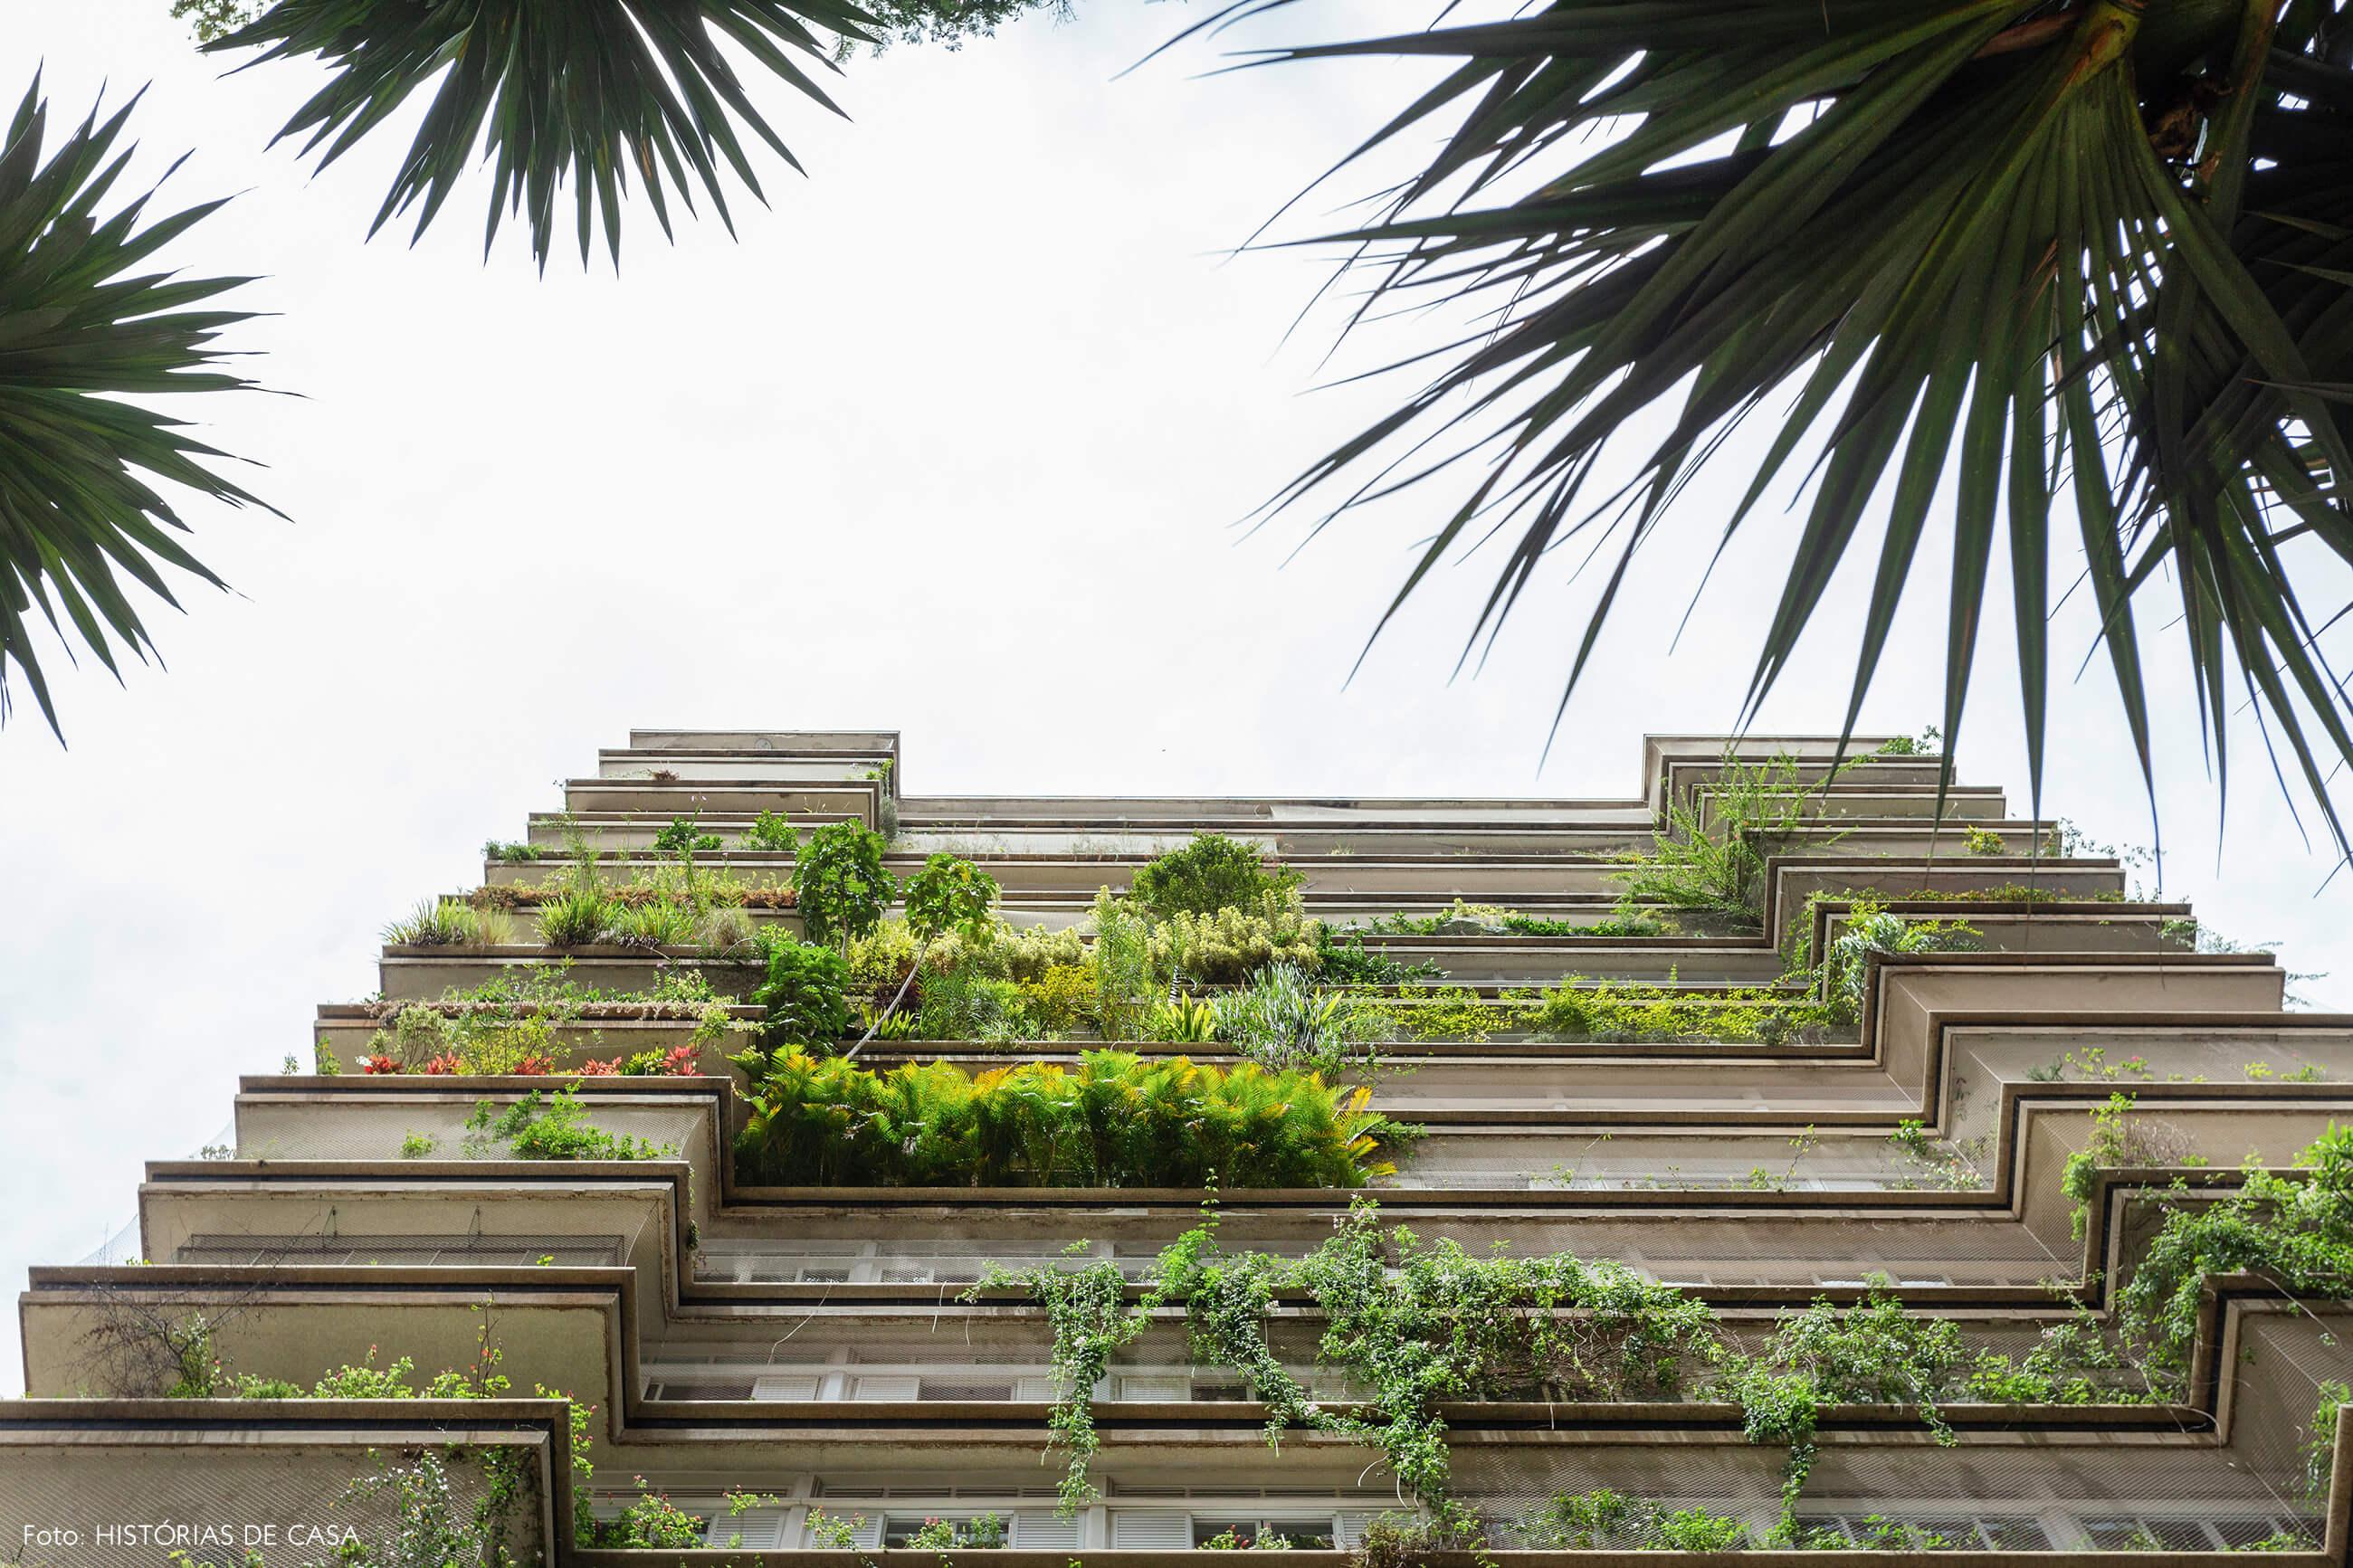 Varandas com plantas do Edifício Parque das Hortênsias, de Artacho Jurado